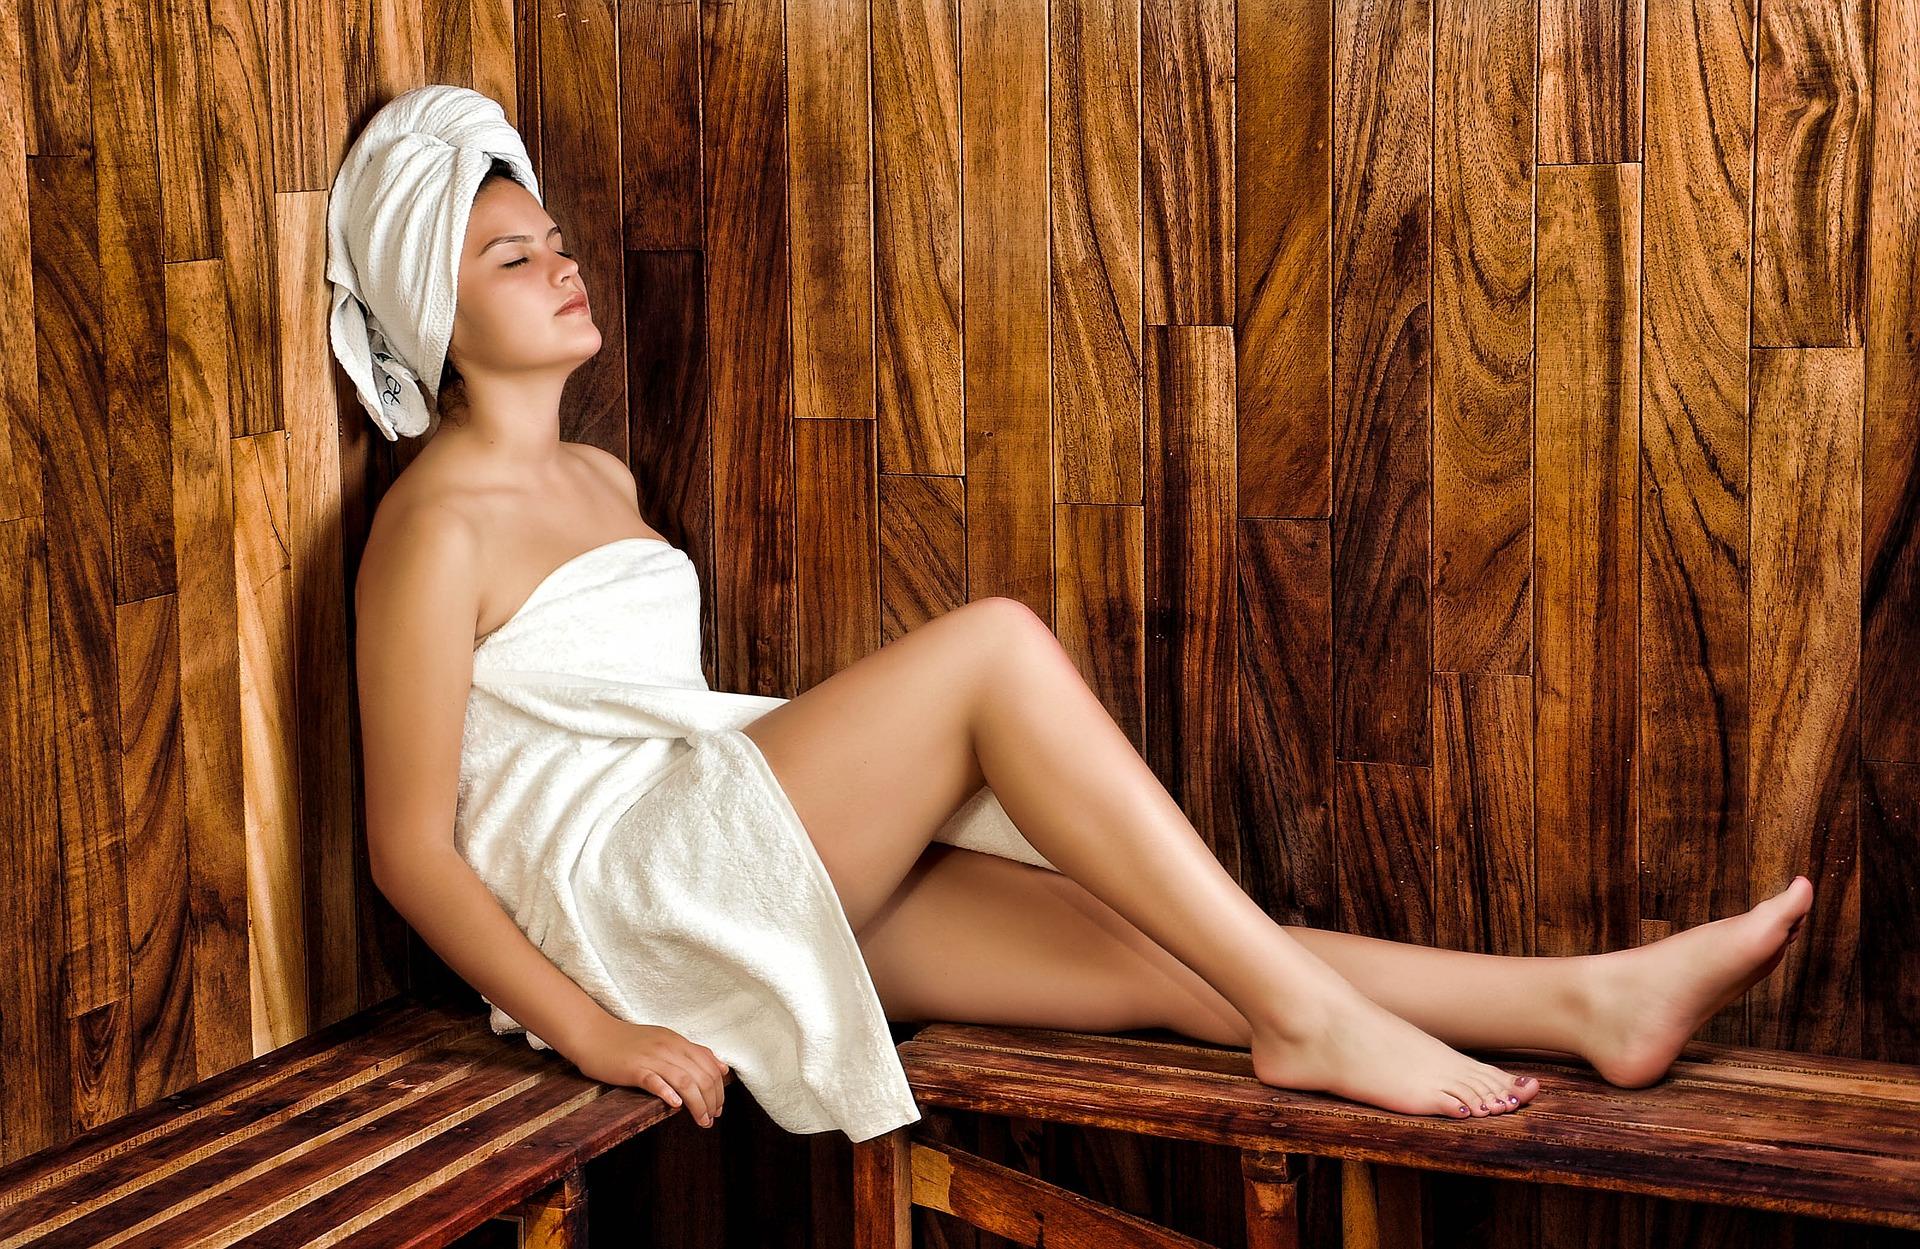 women 936549 1920 - Como uma visita ao spa pode ajudá-lo de várias maneiras